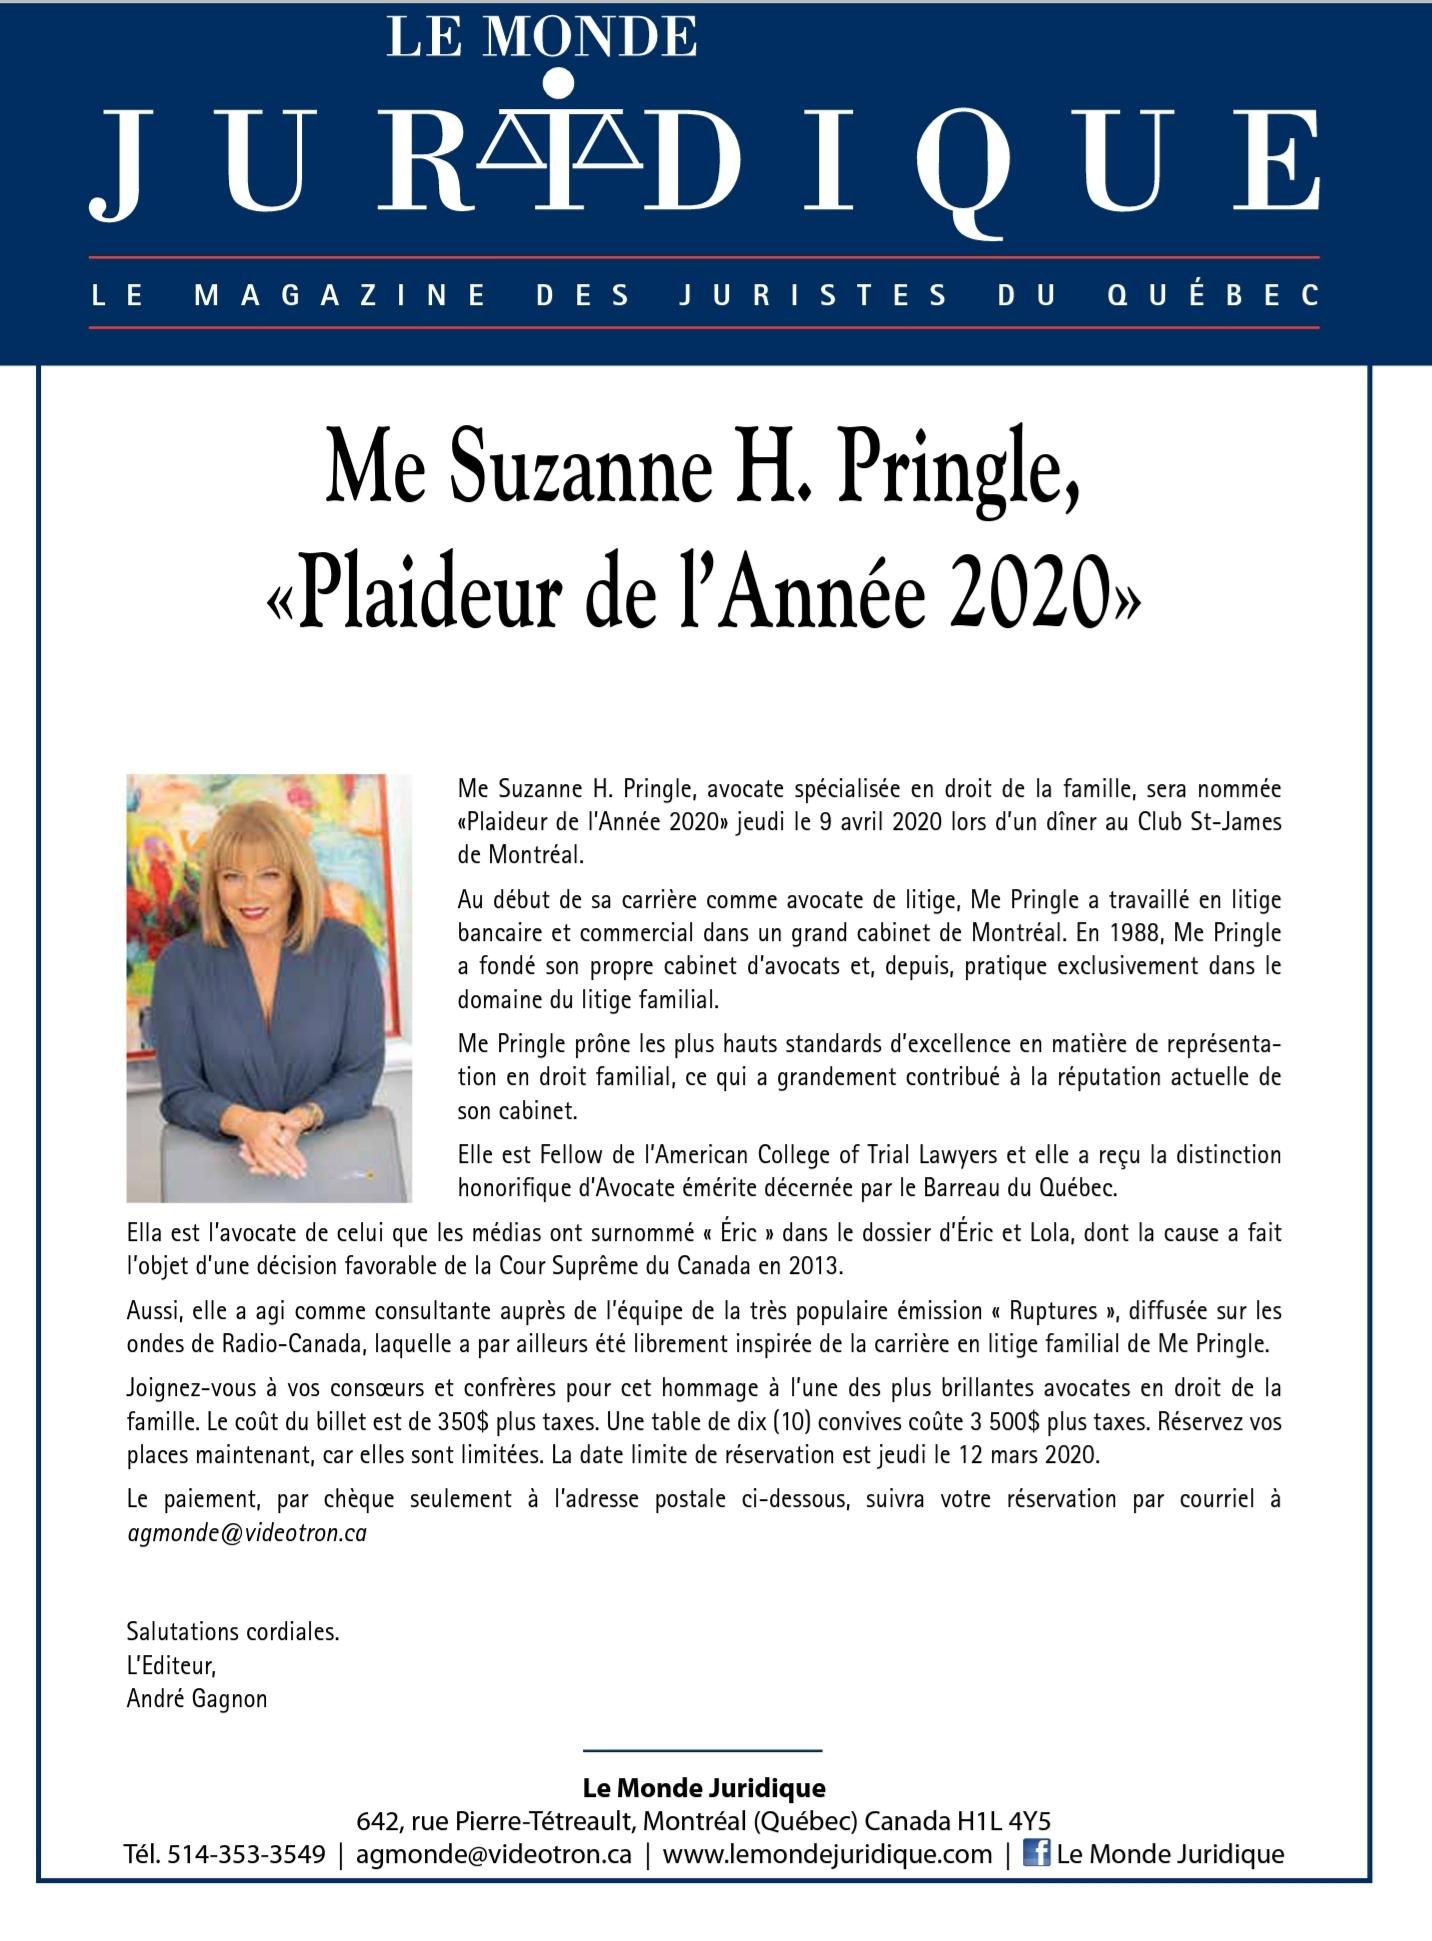 Me Suzanne H. Pringle, «Plaideur de l'Année 2020»